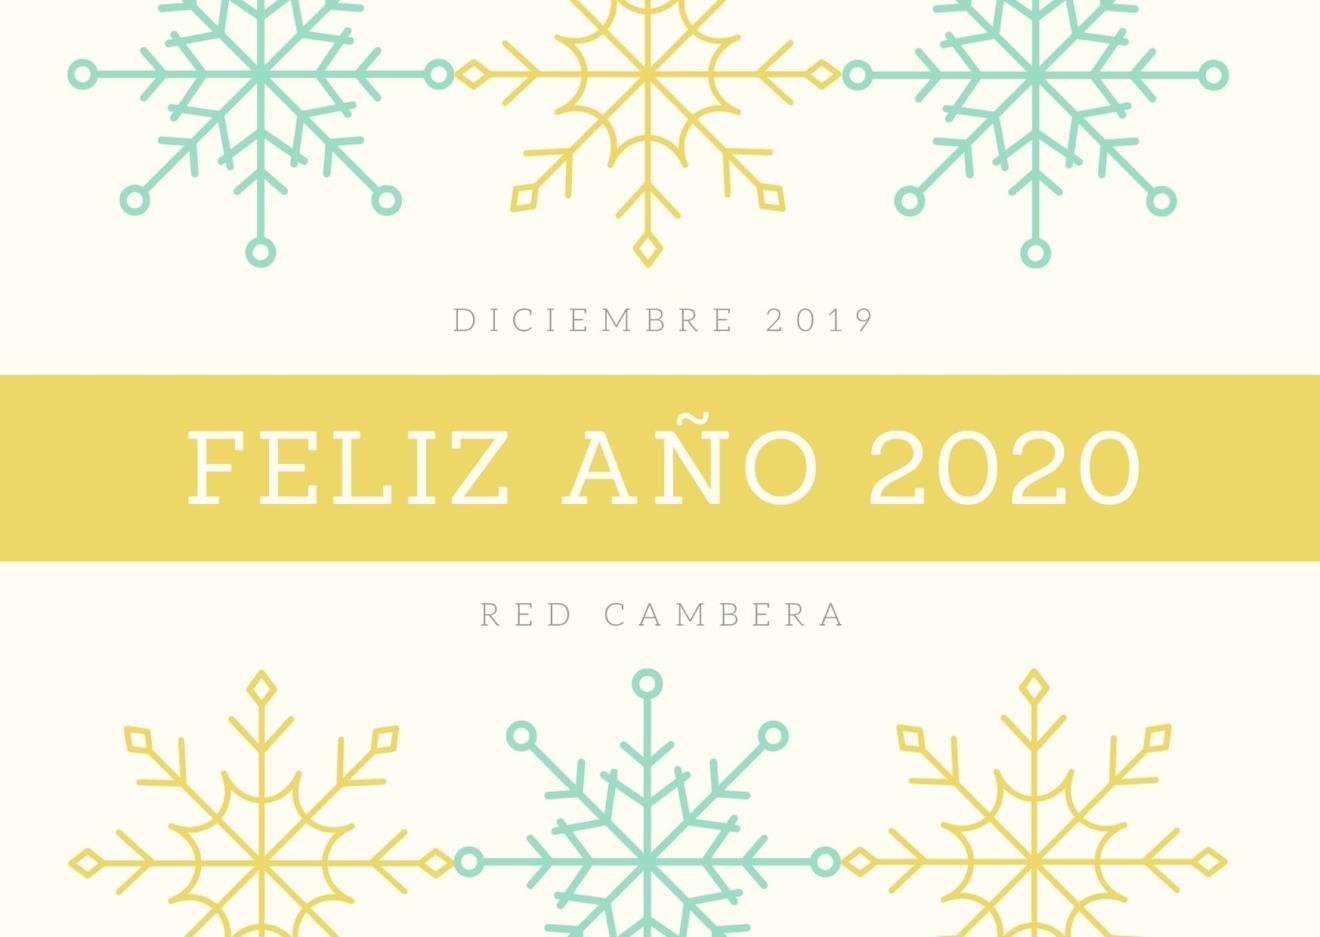 Fun Snowflake Holiday Greeting Card